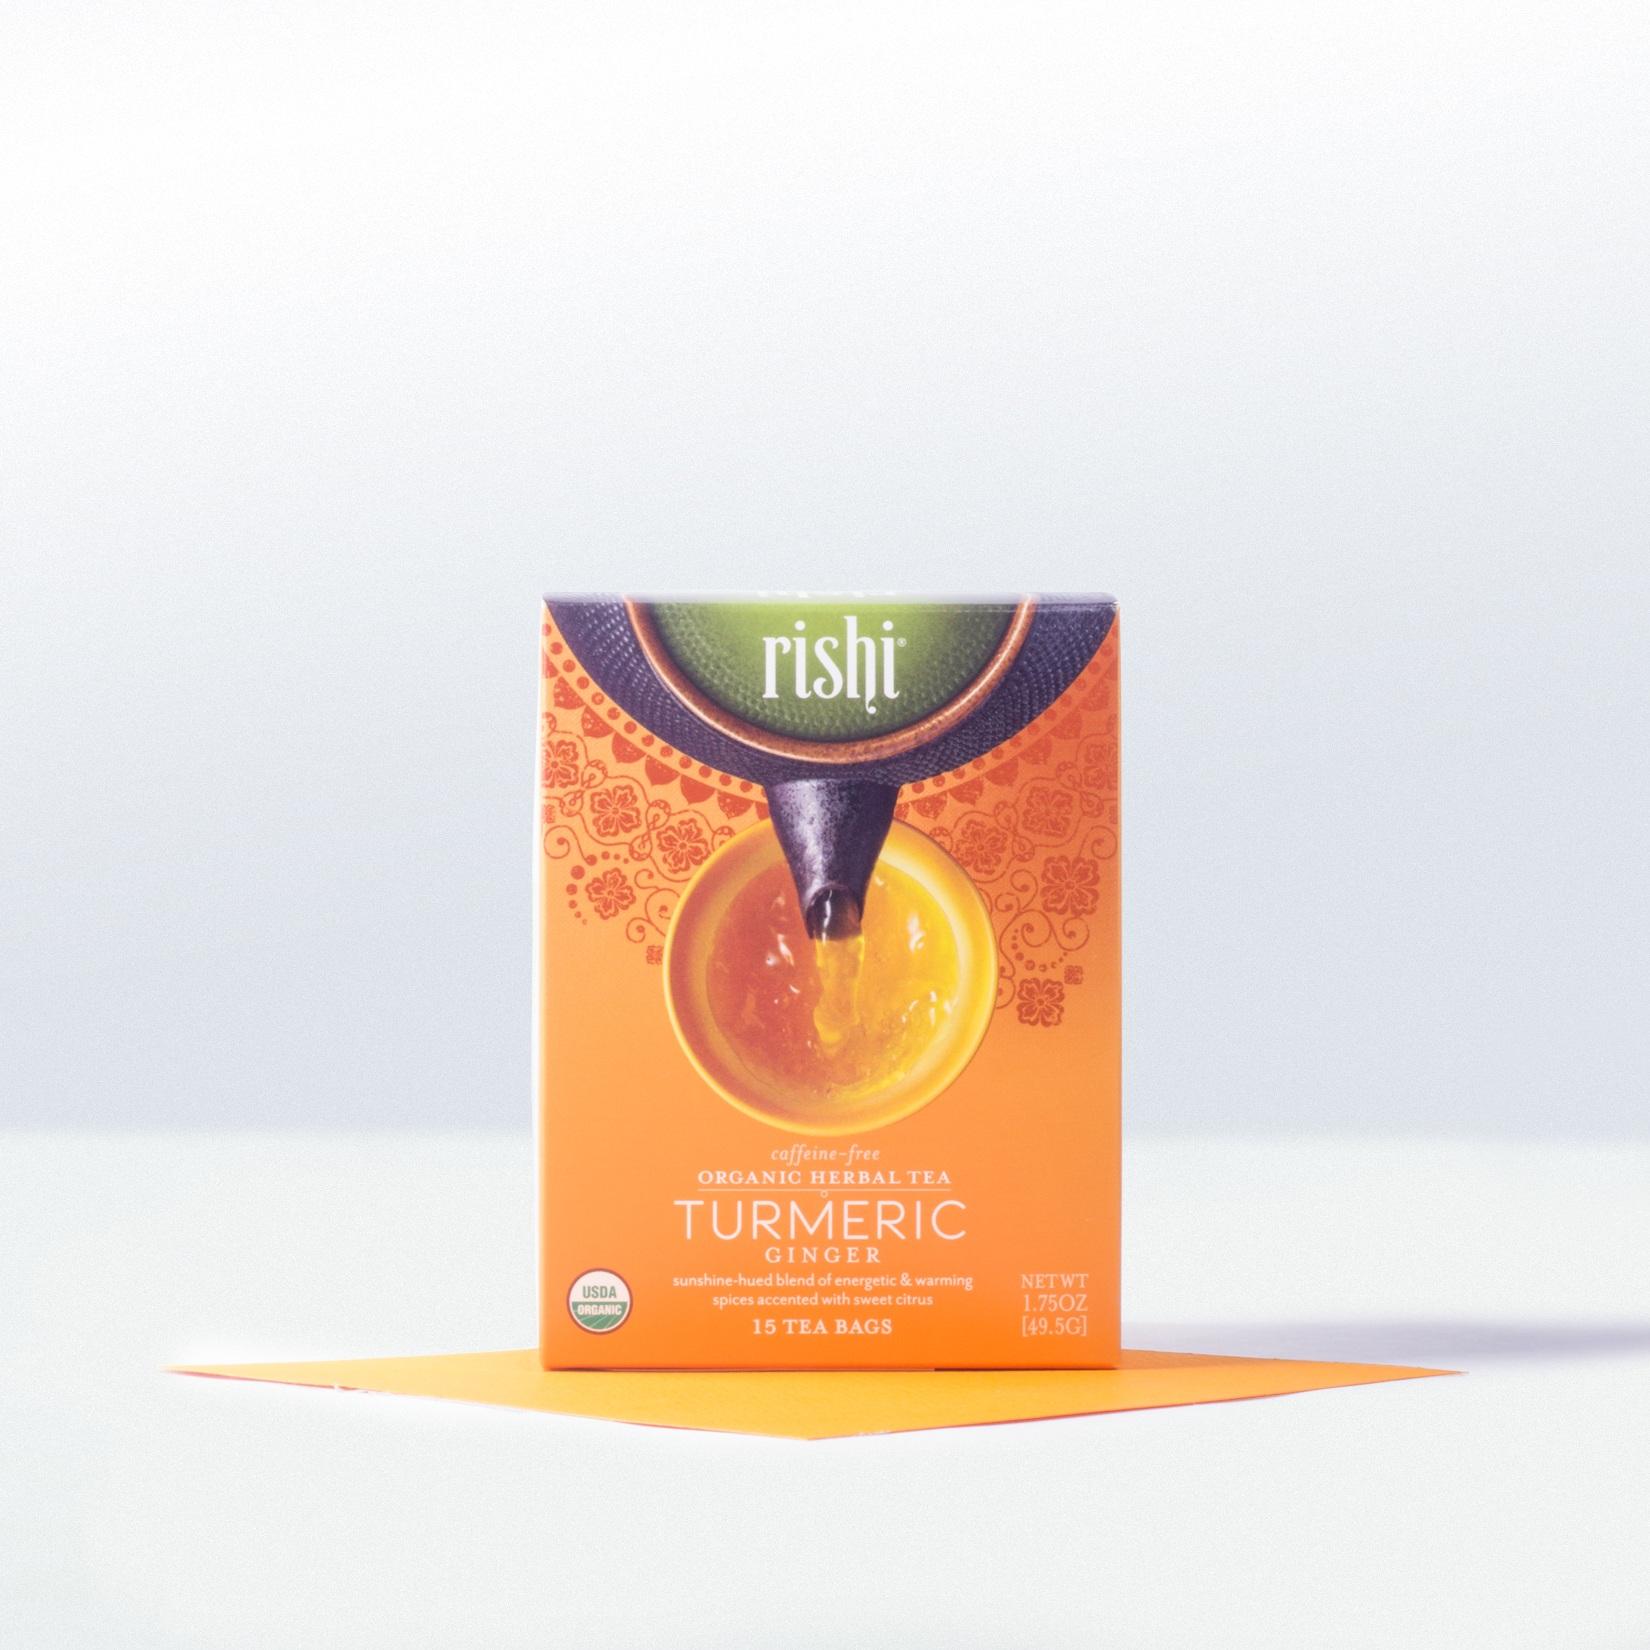 Rishi-Organic Tumeric Ginger Tea